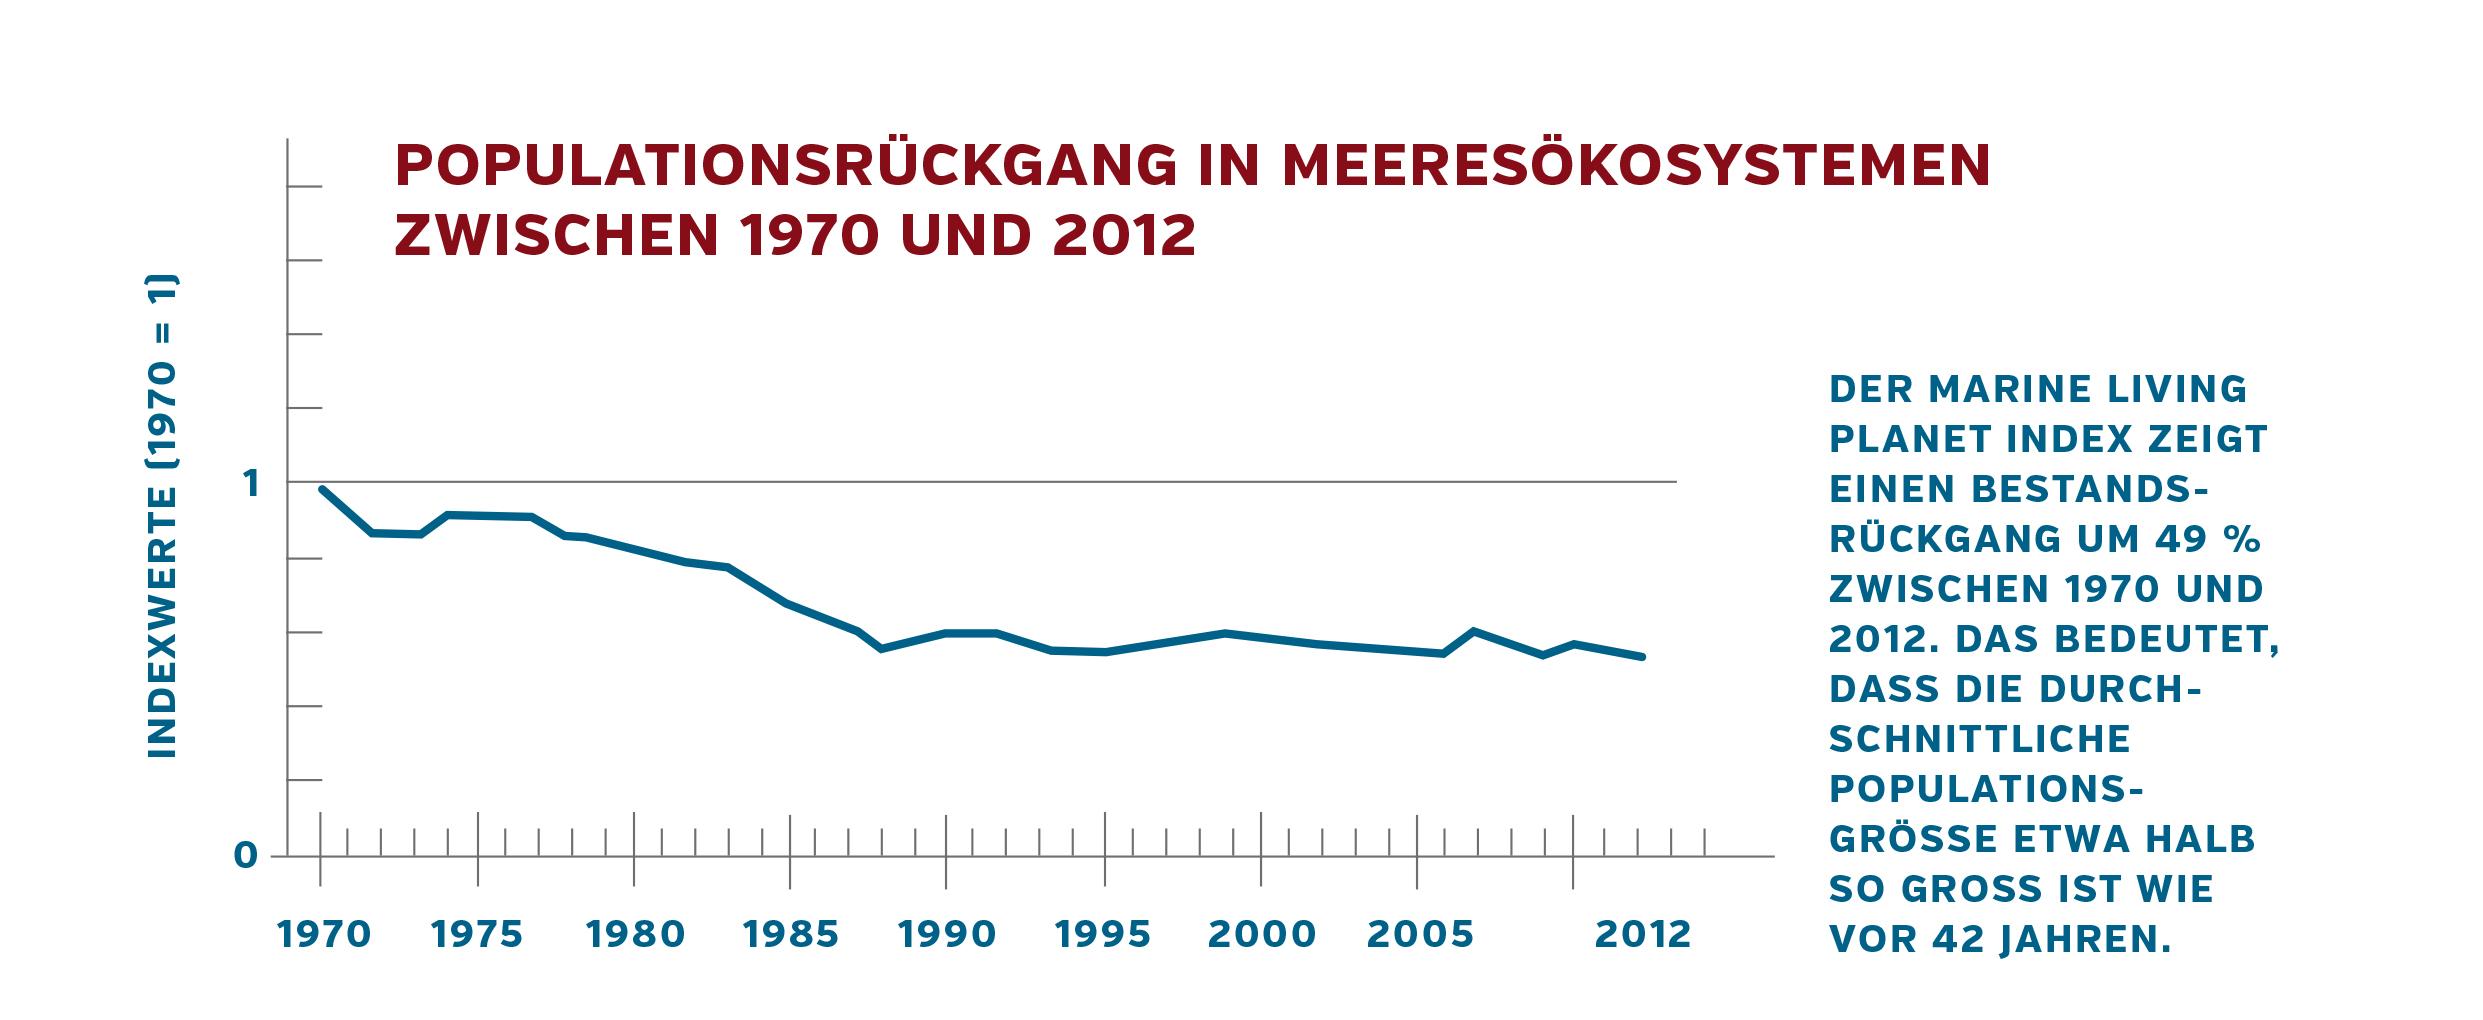 Populationsrückgang zwischen 1970 und 2012